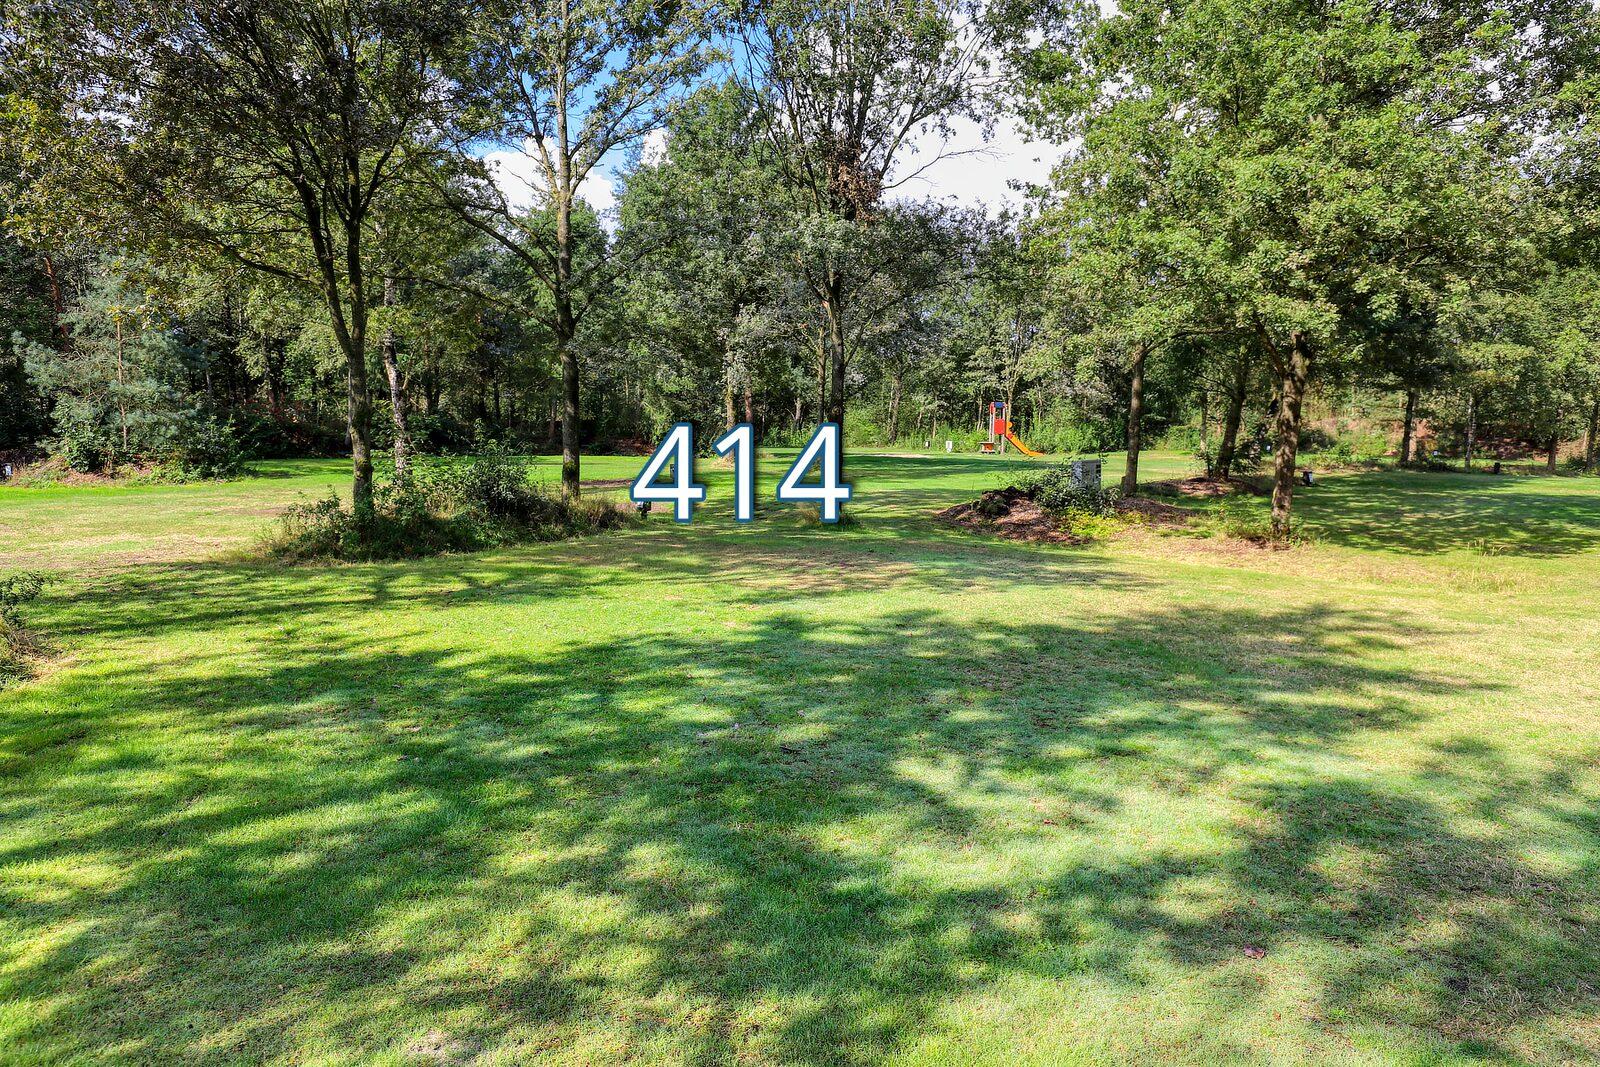 meemsveld 414